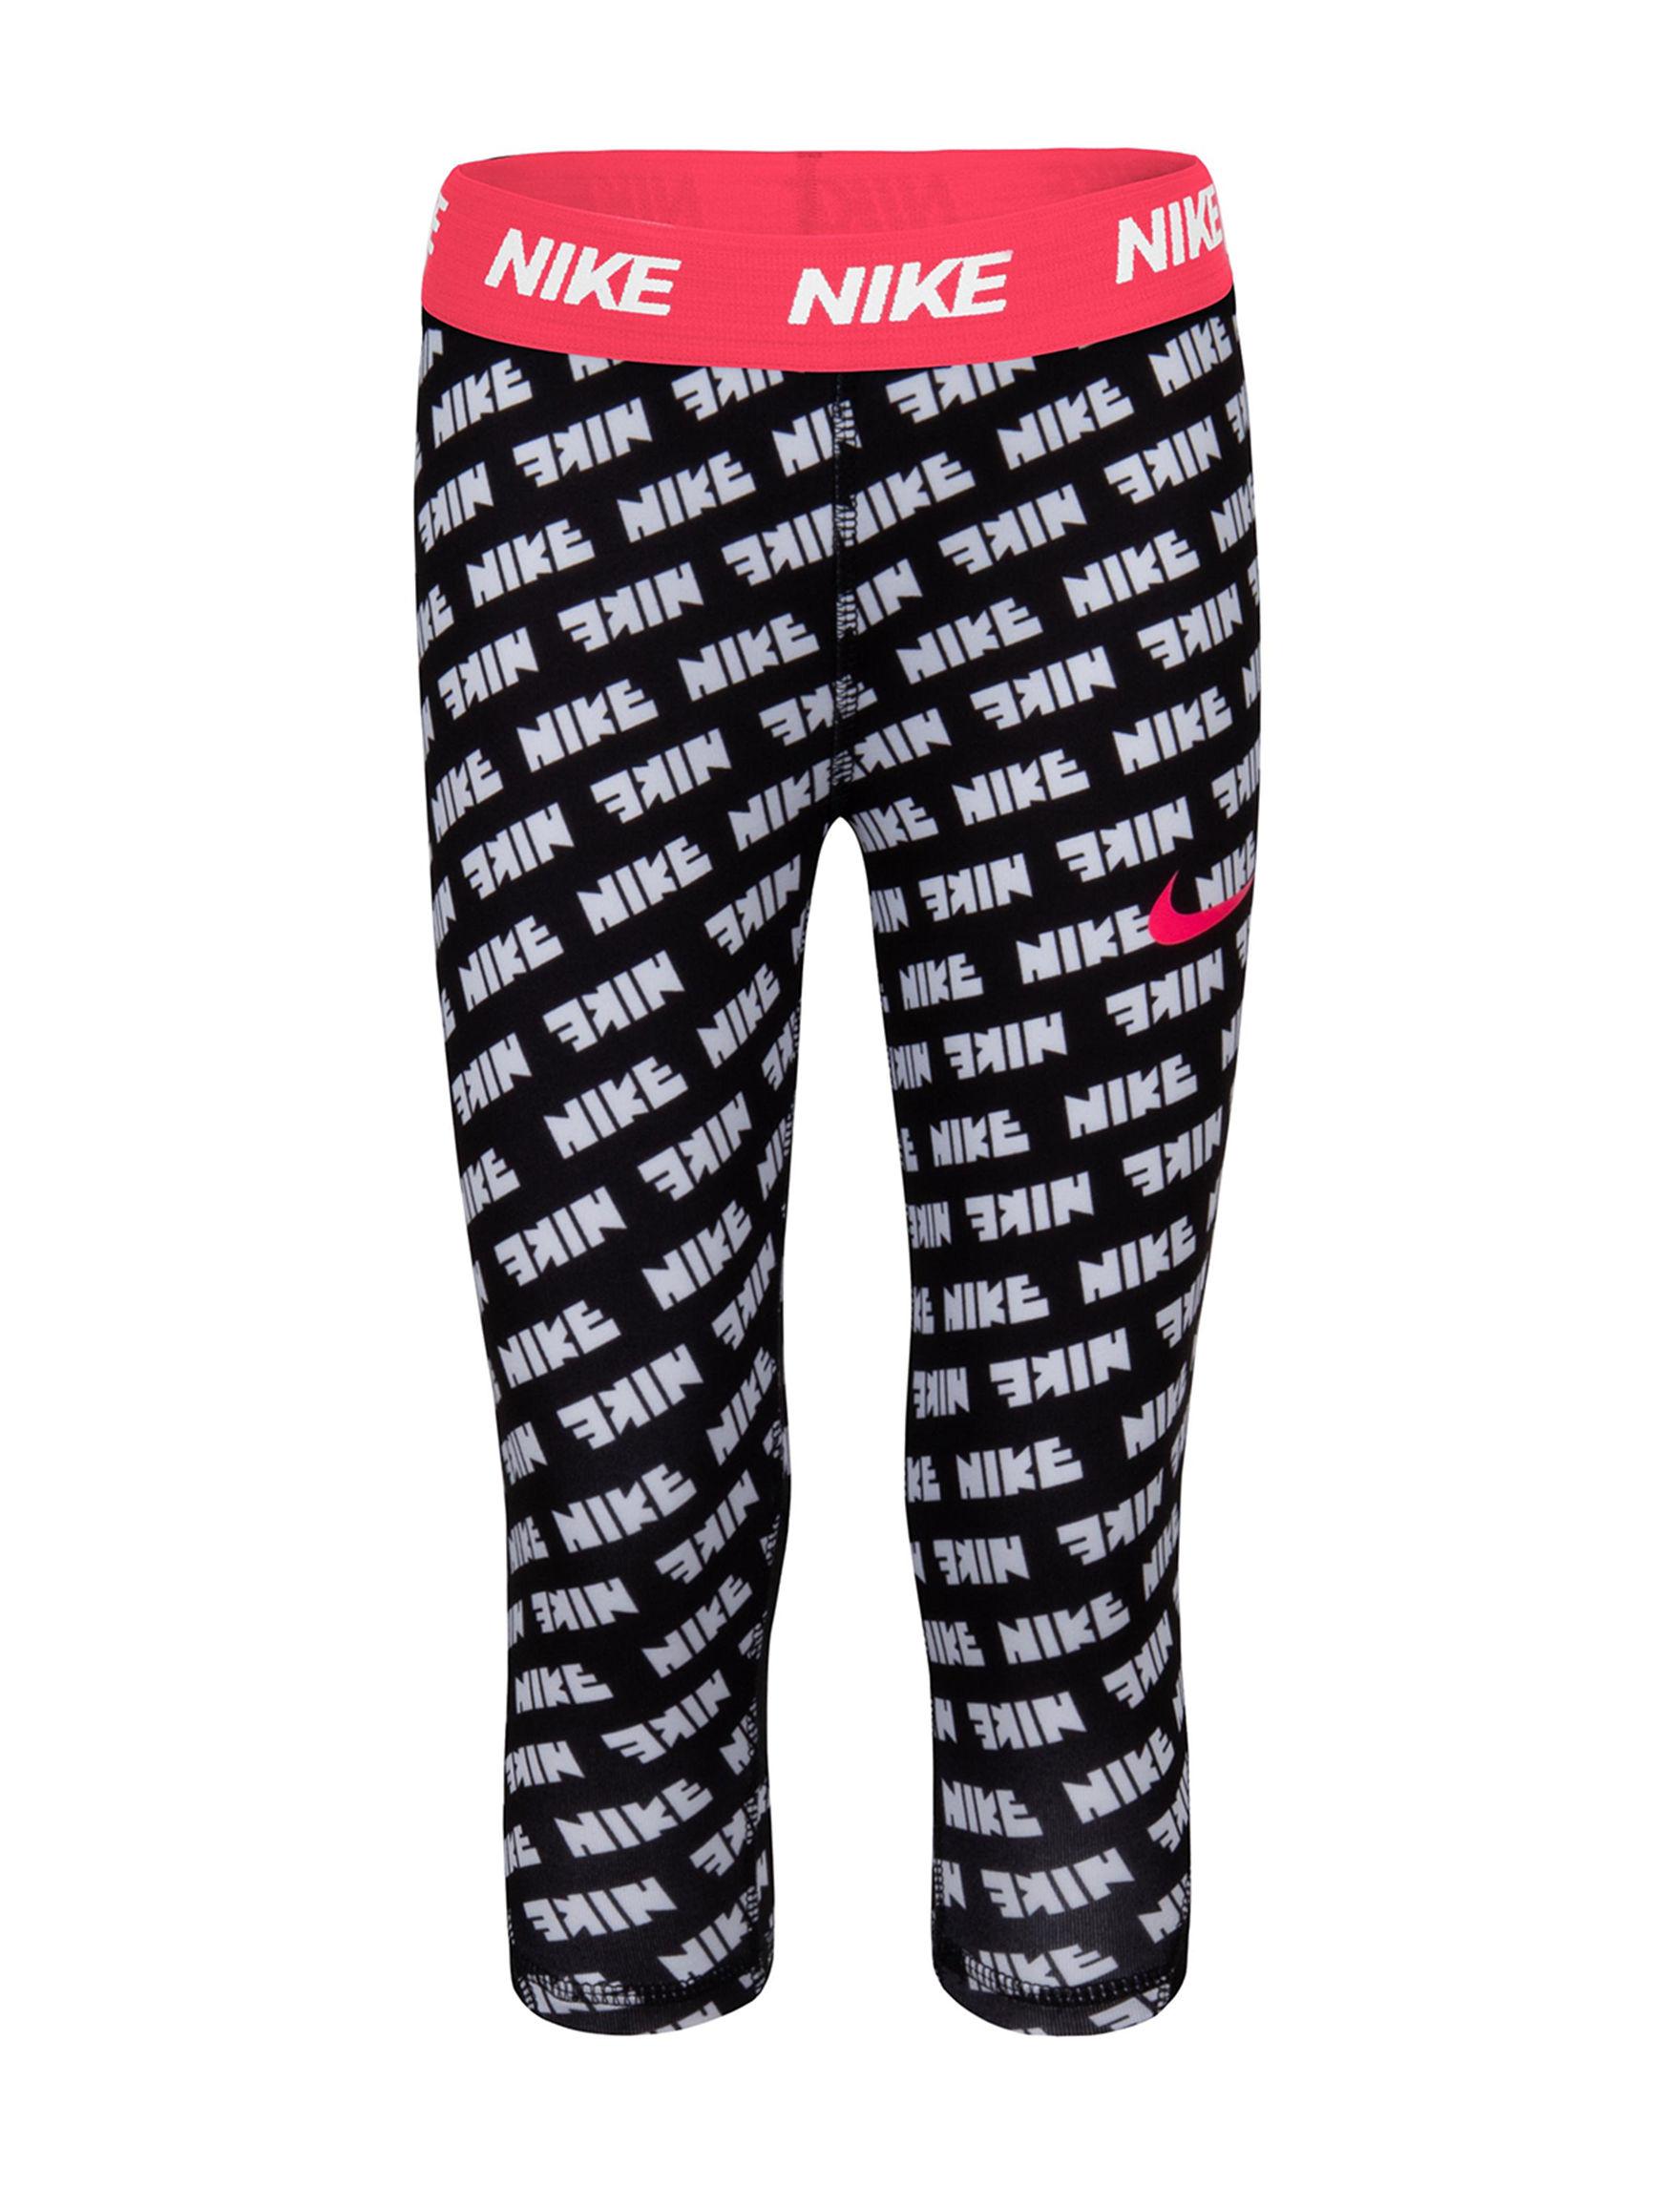 Nike Black / White / Pink